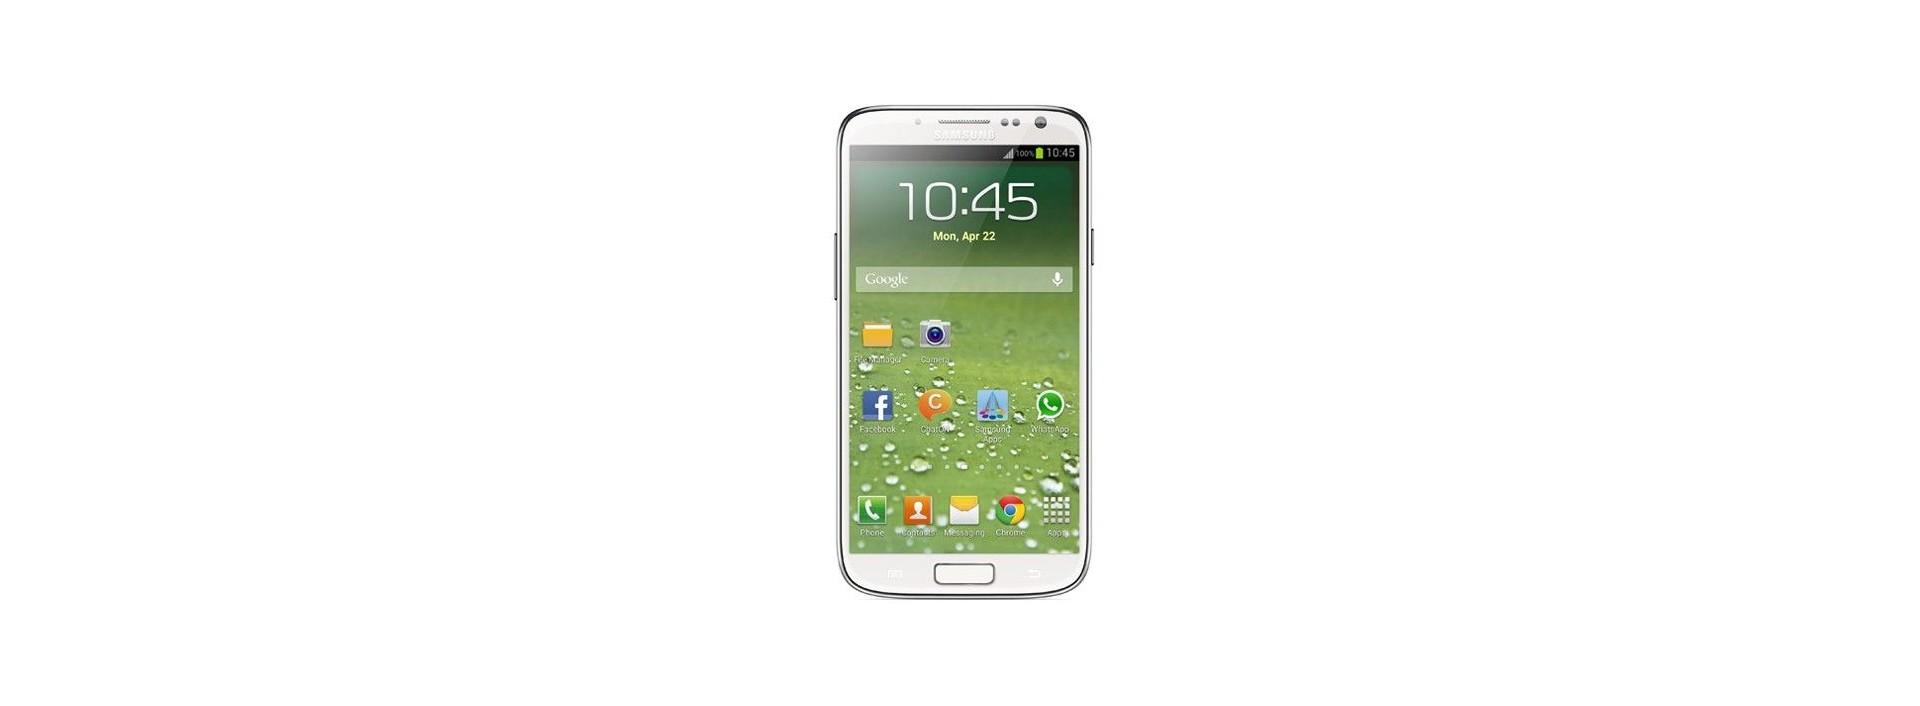 Fundas PERSONALIZADAS Samsung Galaxy S4, Envío Gratis en TMS